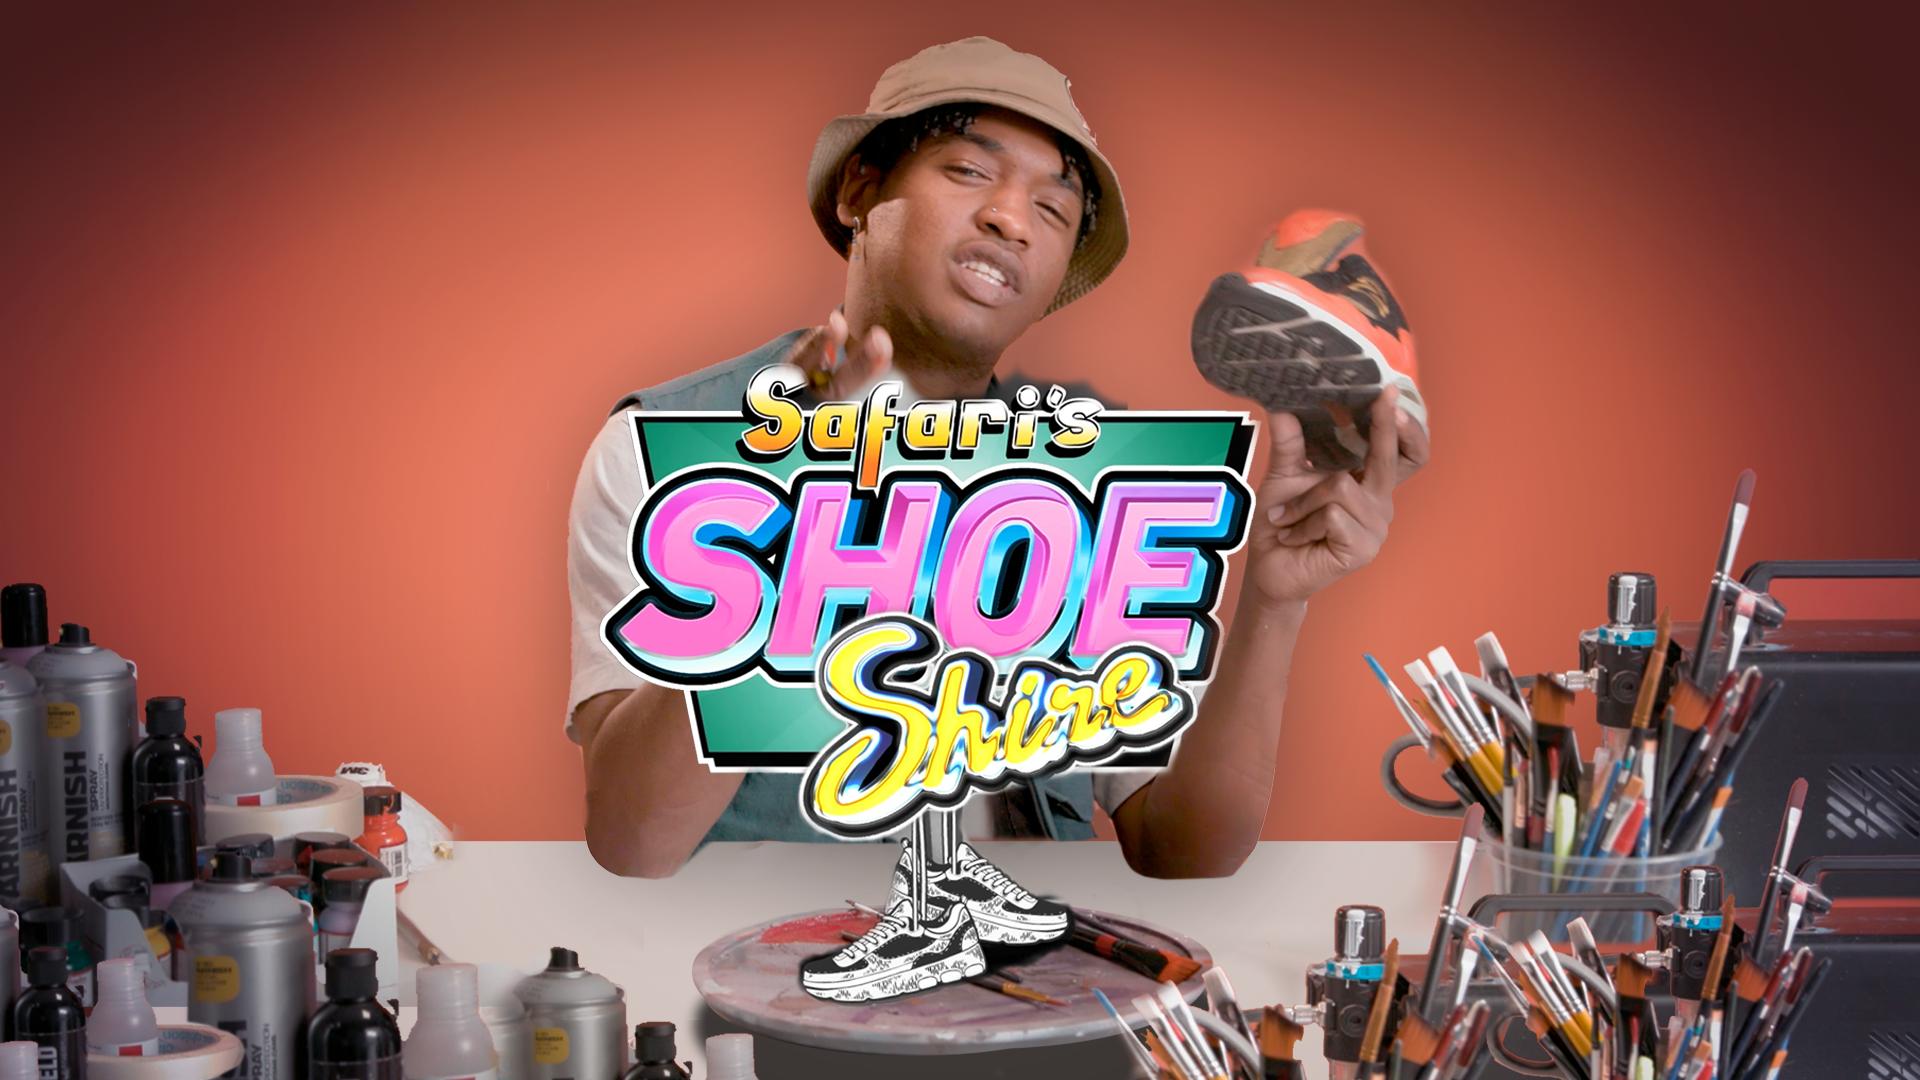 Safari's Shoeshine